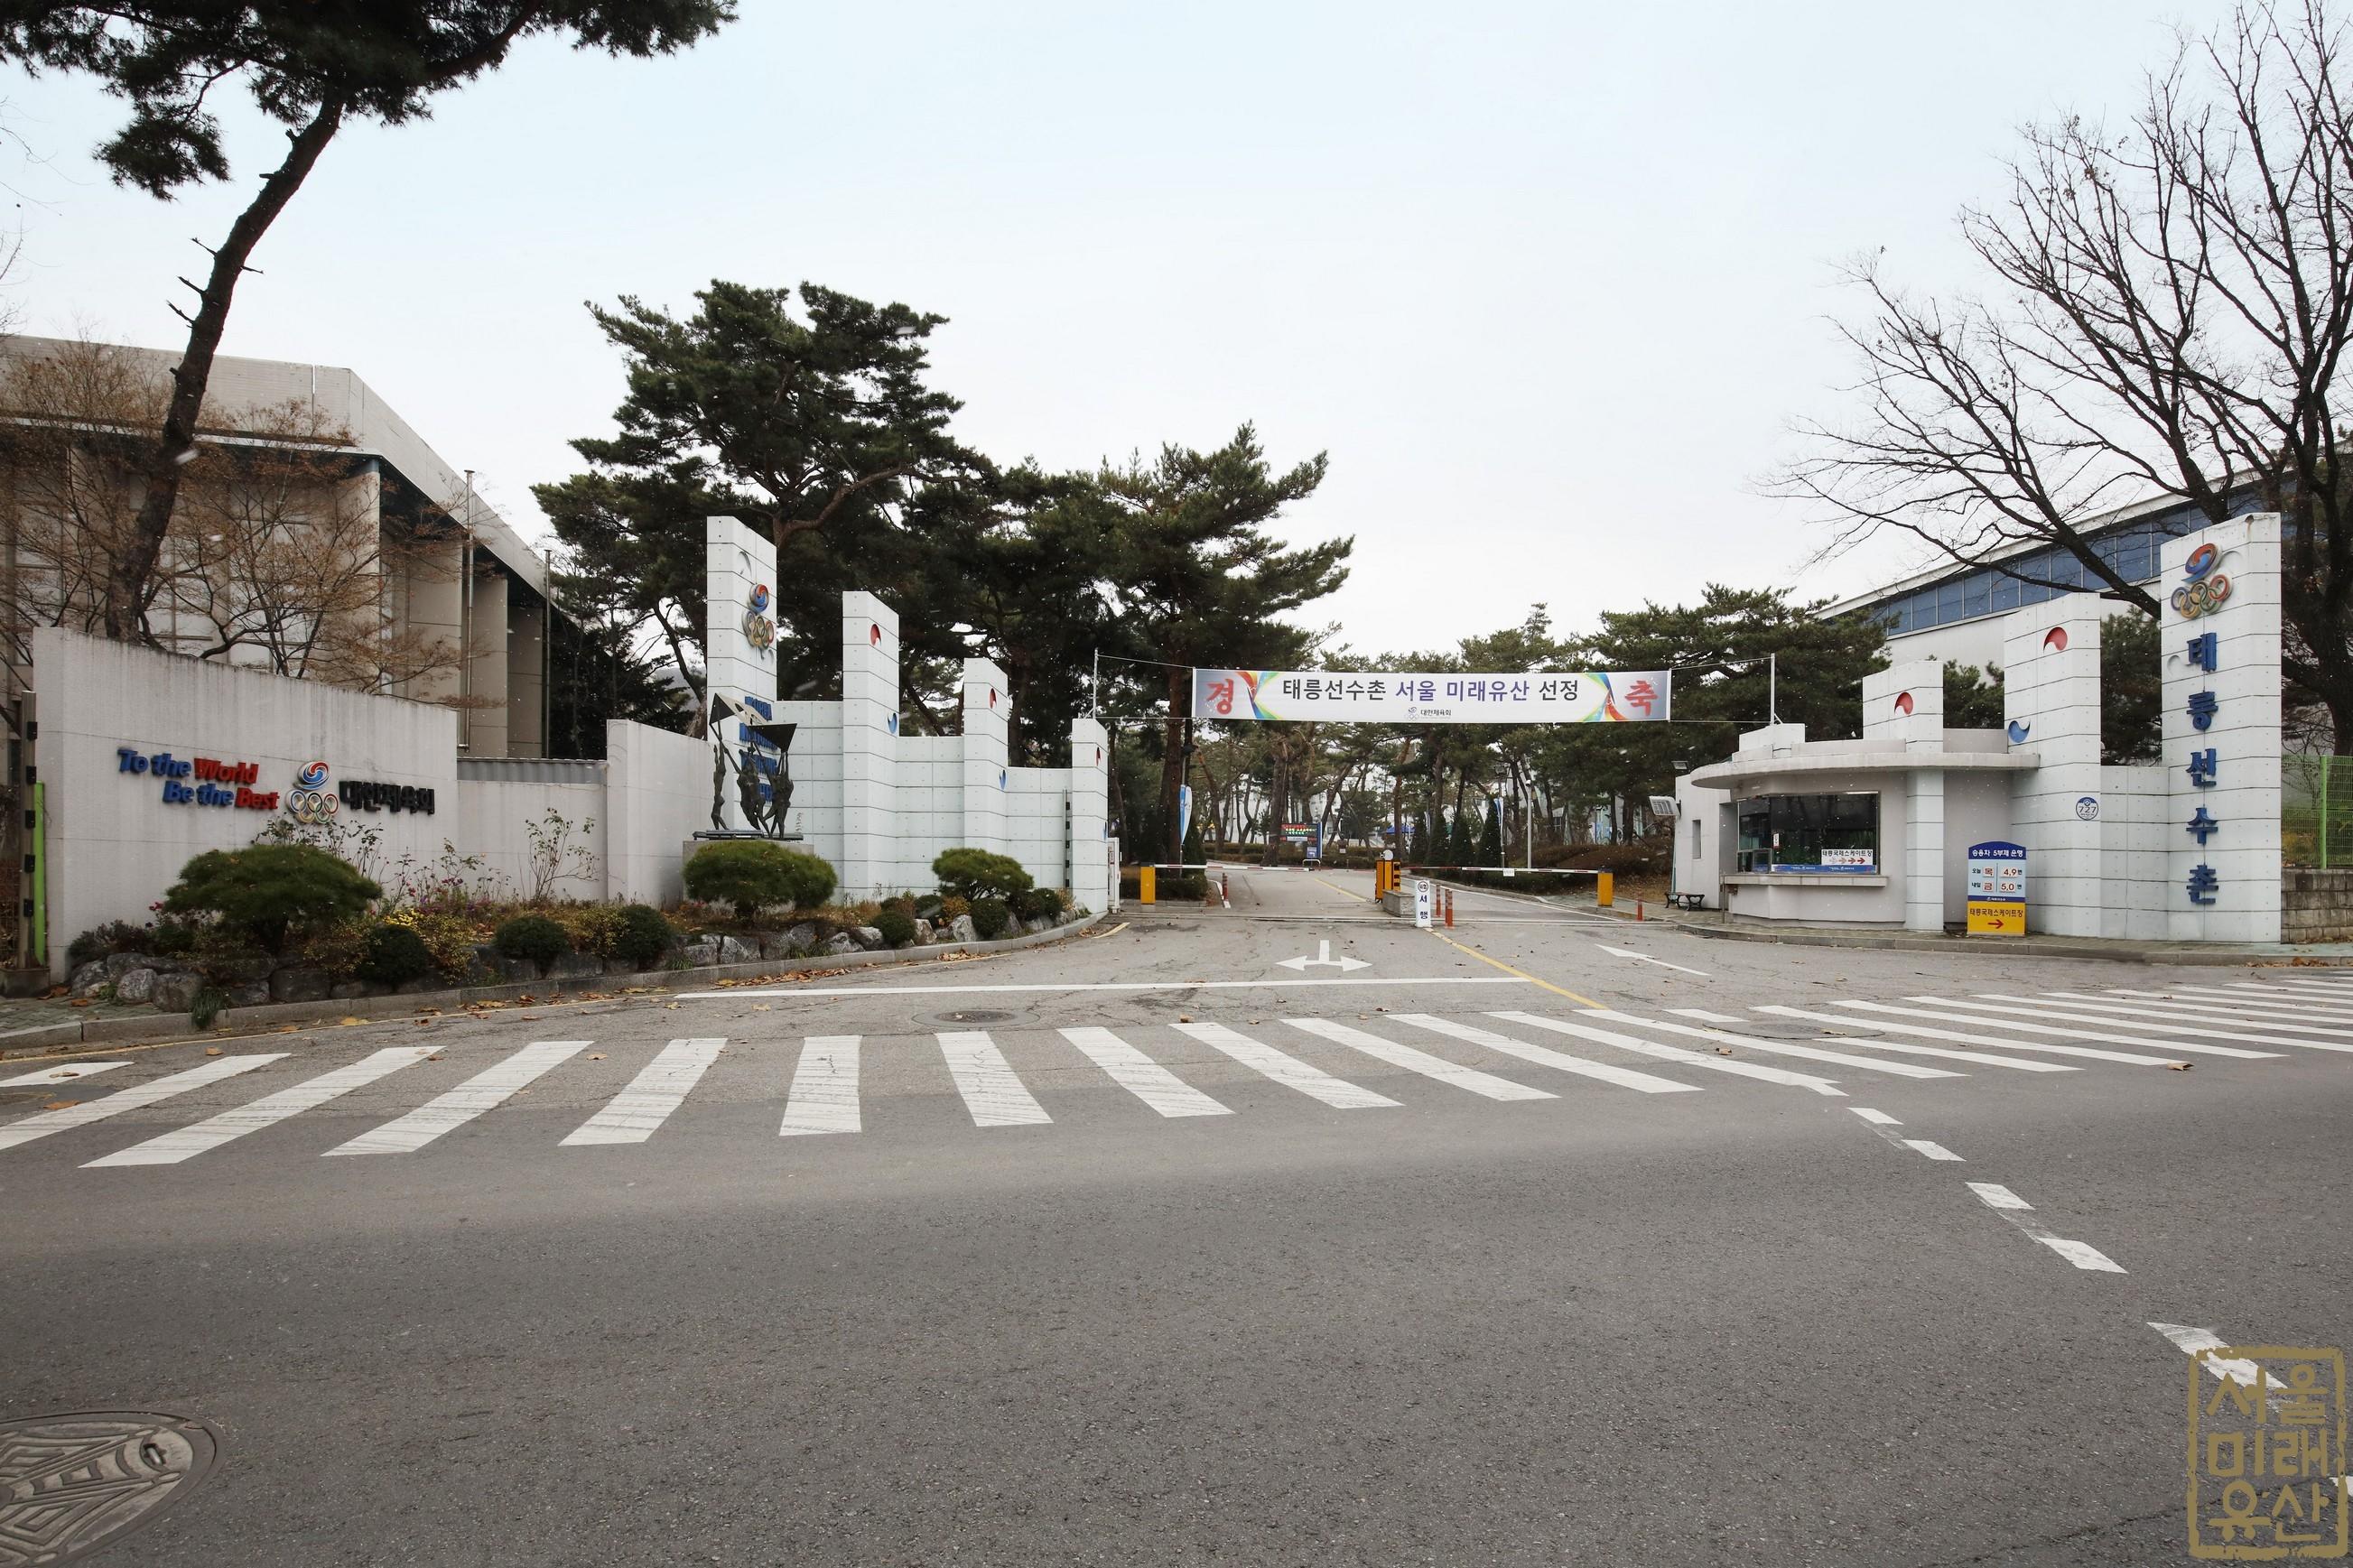 태릉선수촌 정문